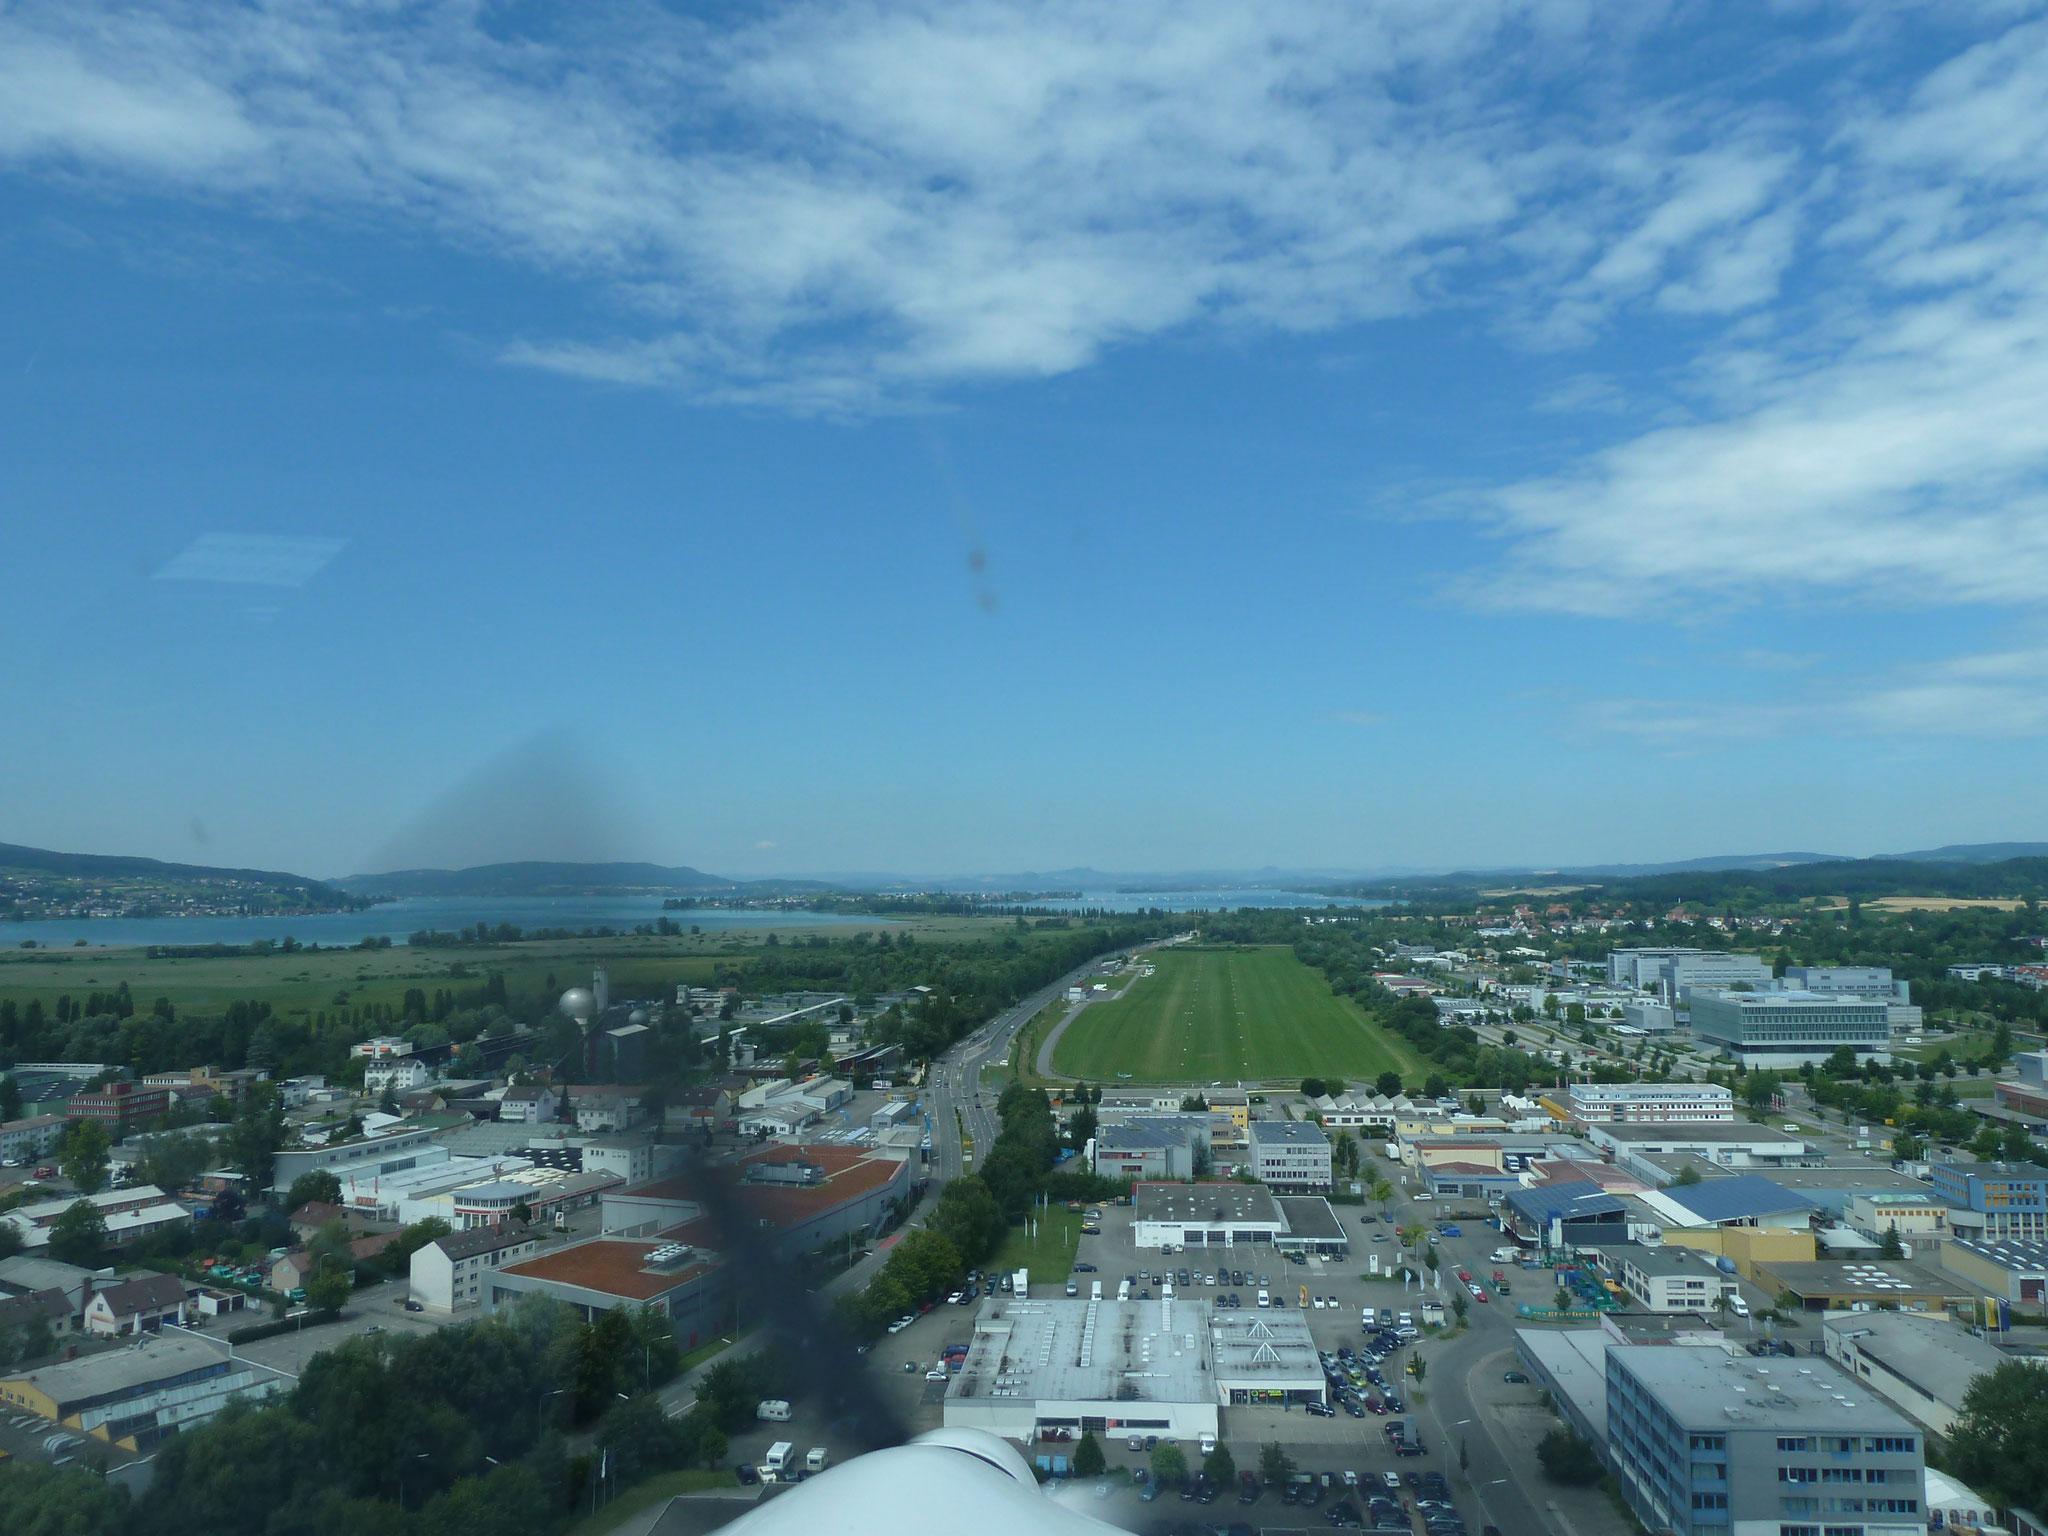 Bodensee Landeanflug1 (HR)